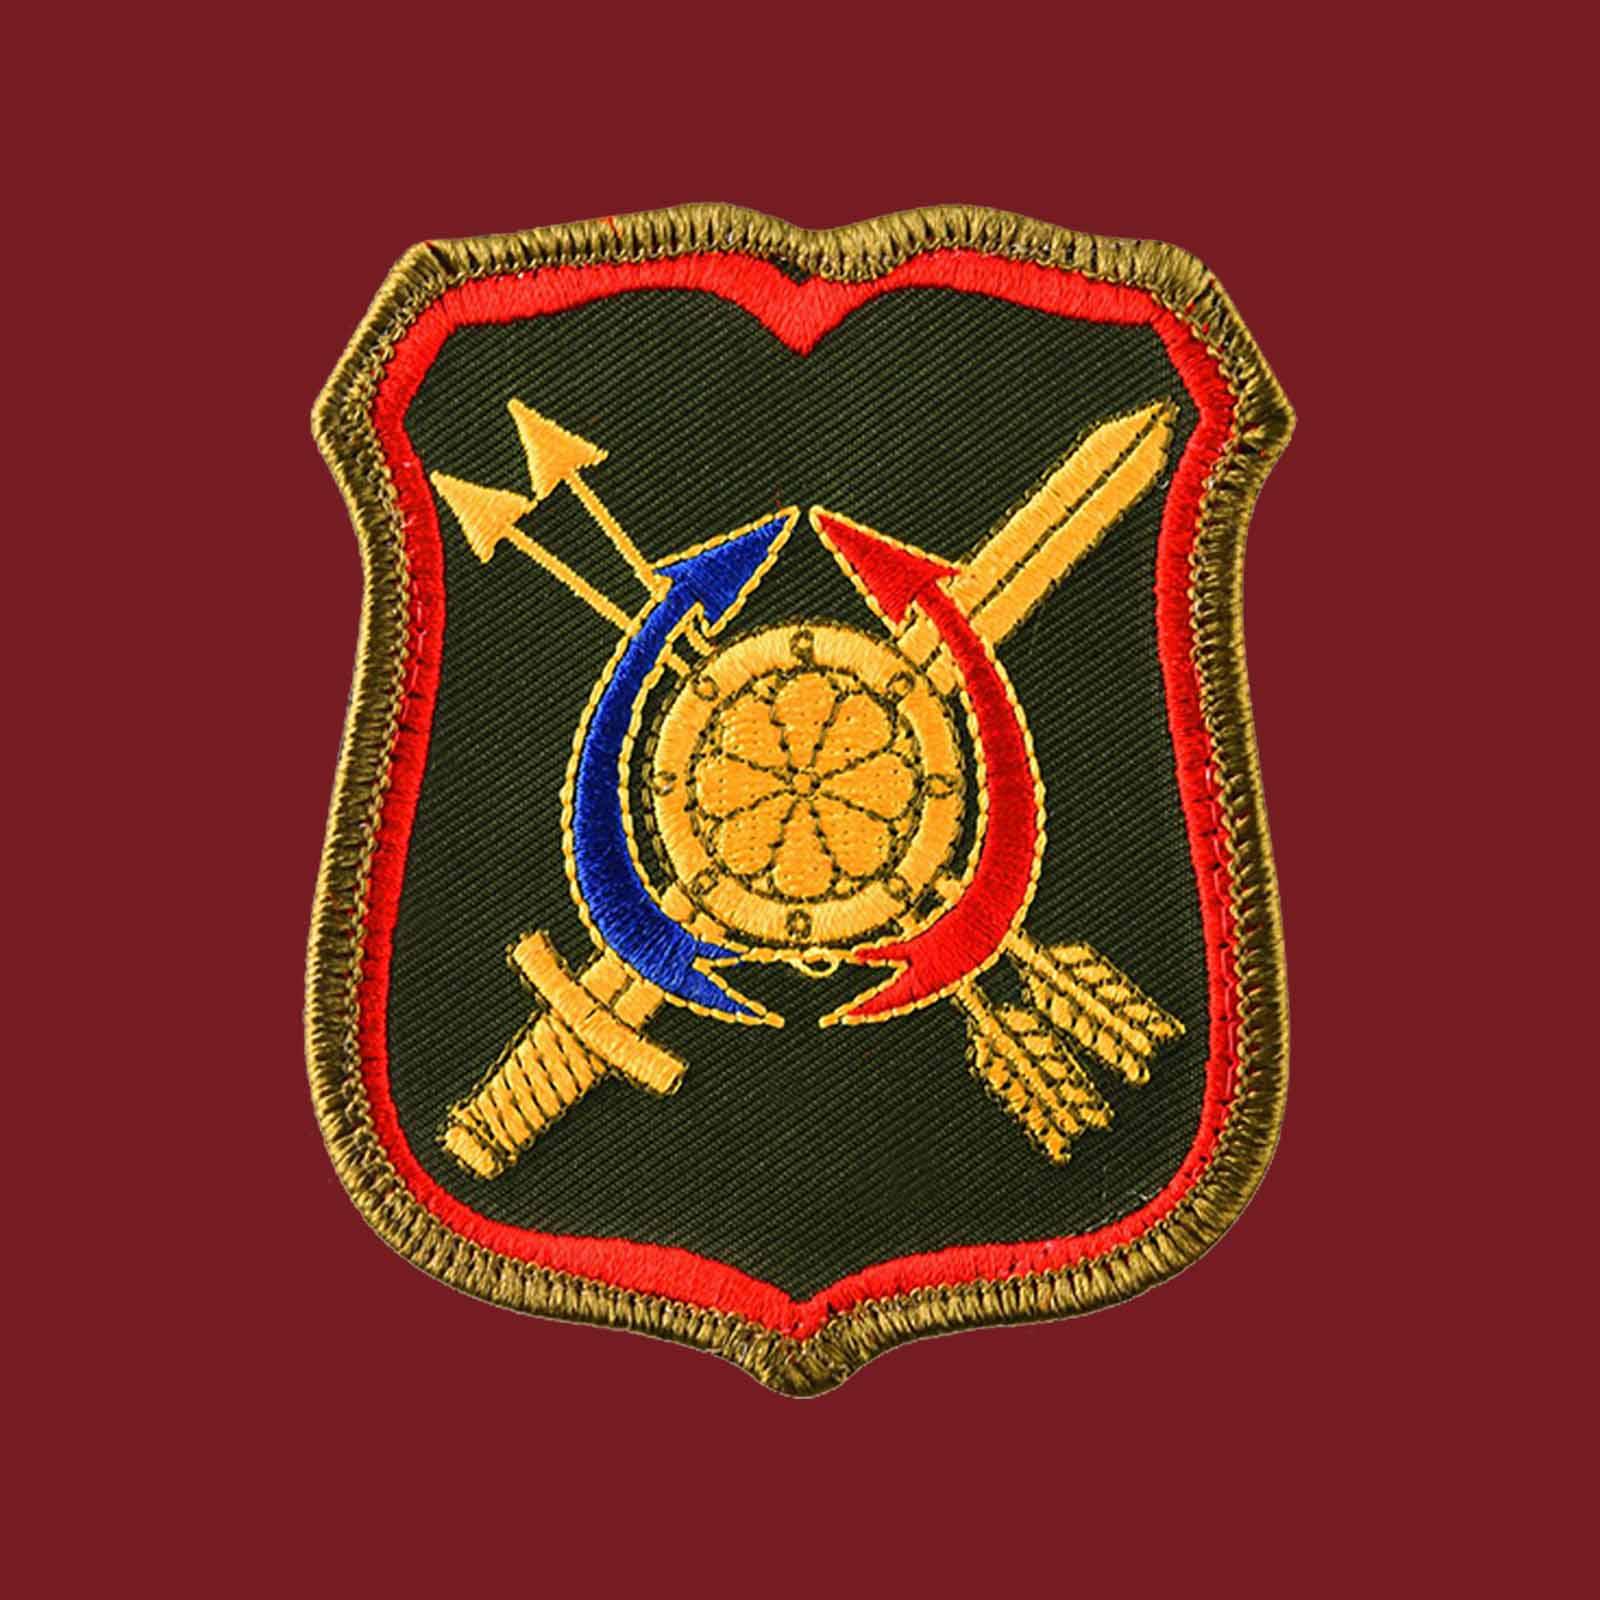 Футболка 1231 Центра боевого управления РВСН